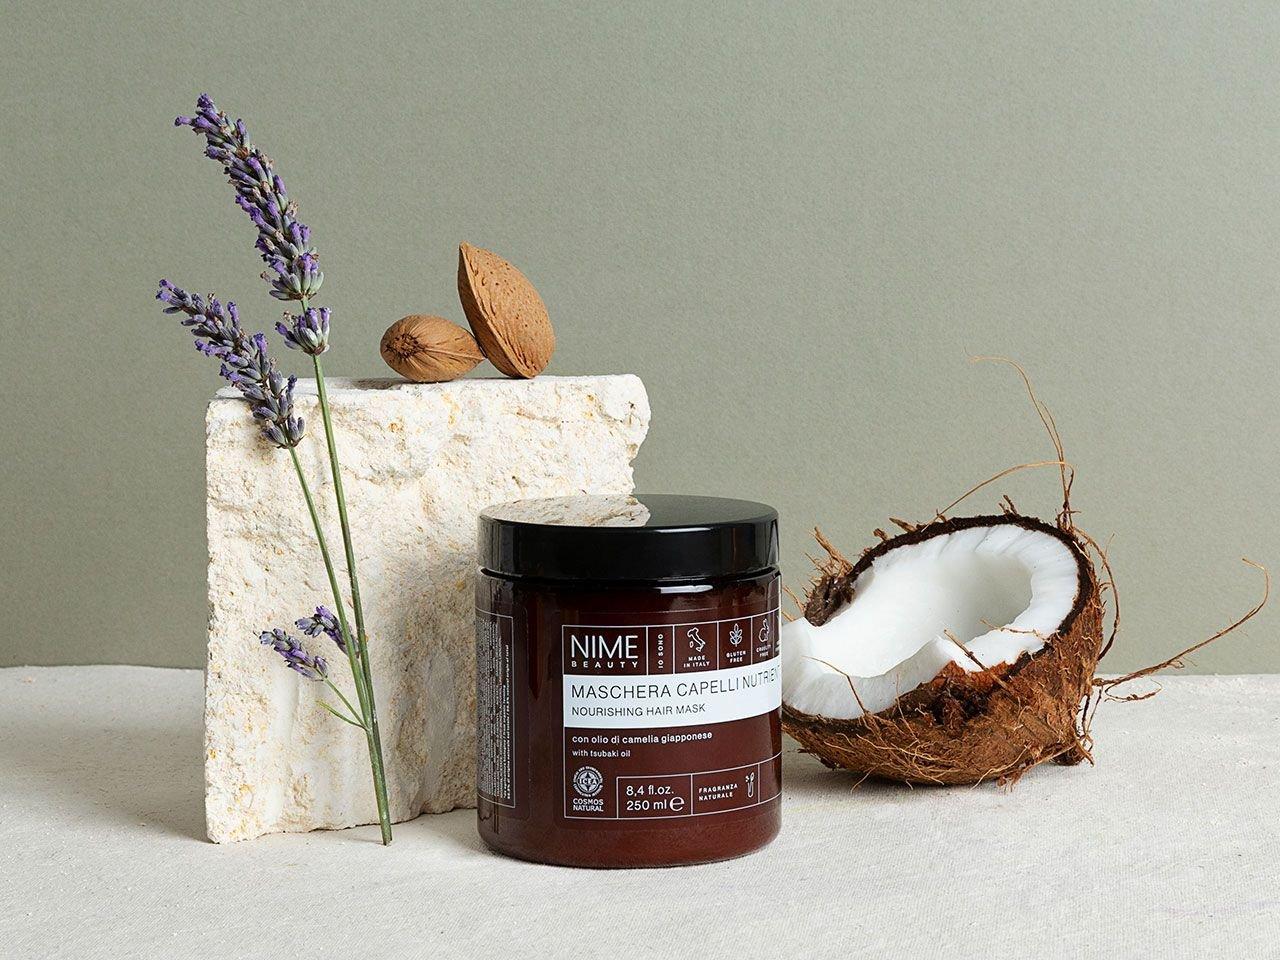 Maschera Capelli Nutriente con olio di camelia giapponese - v1